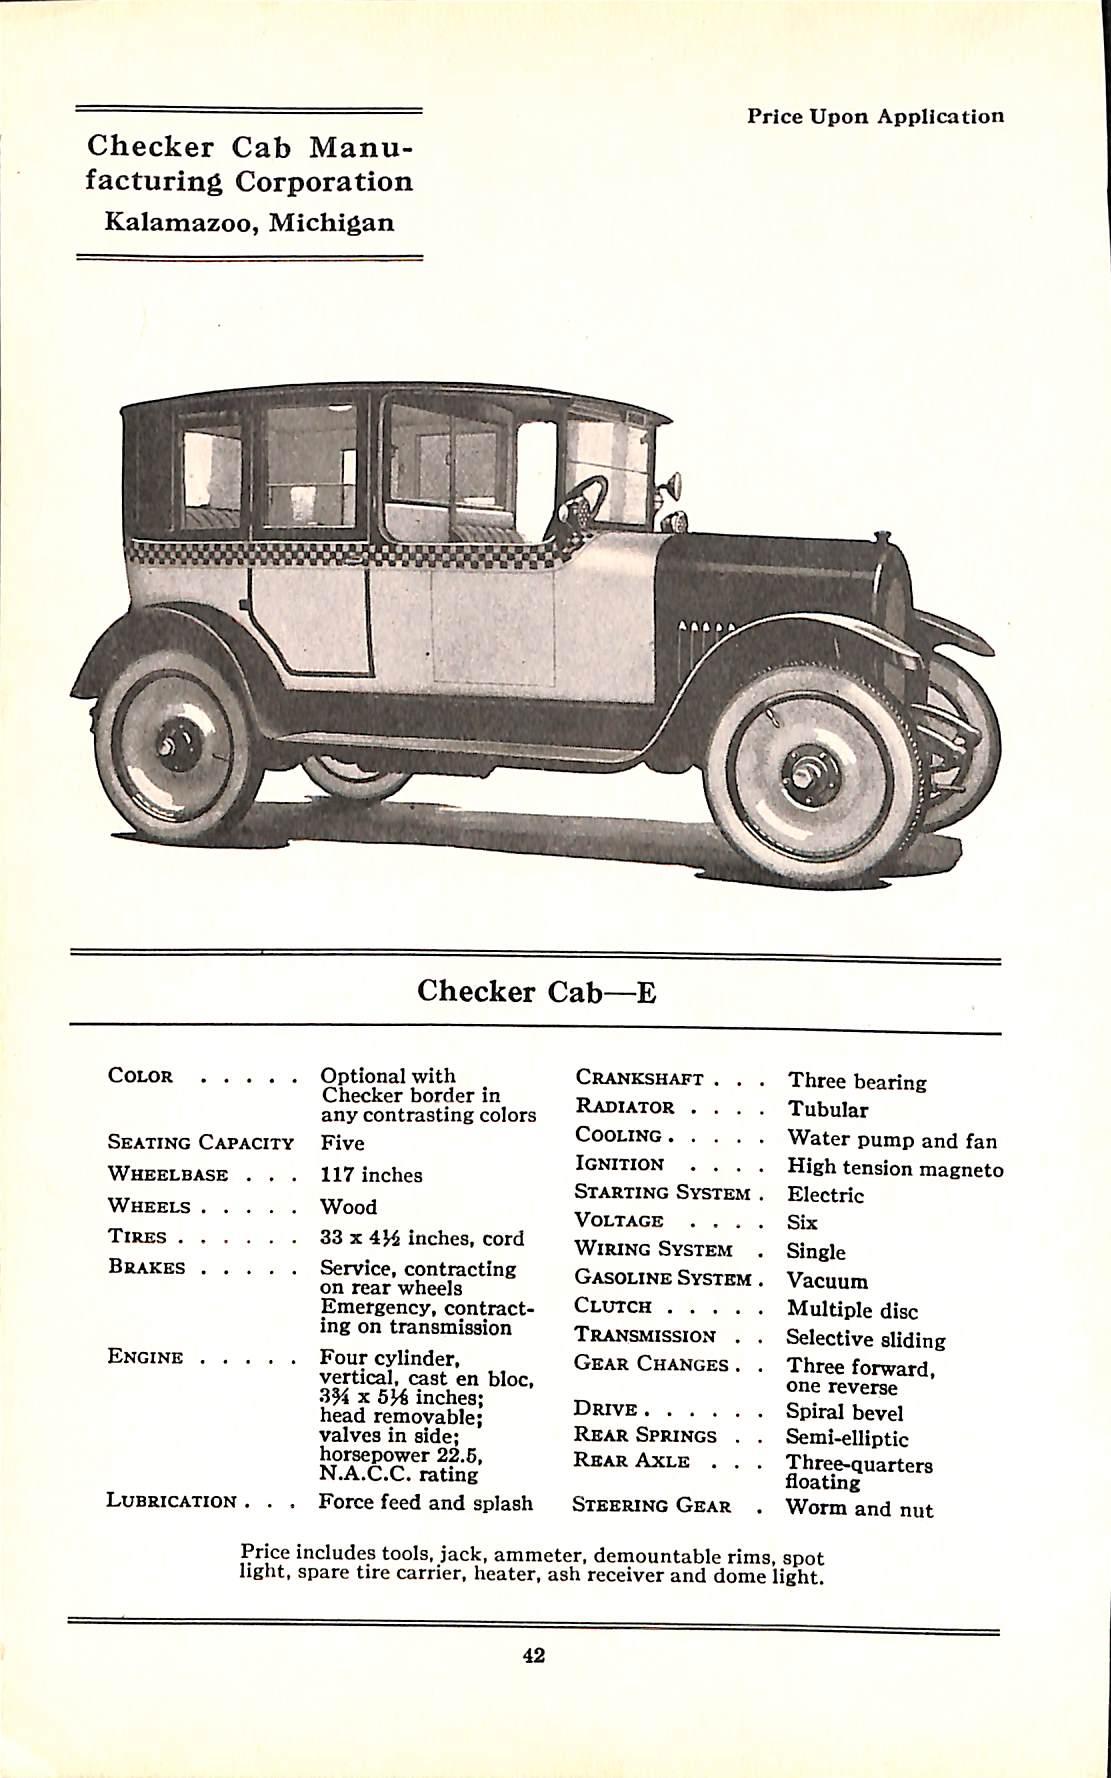 1924 Checker Model E Specs